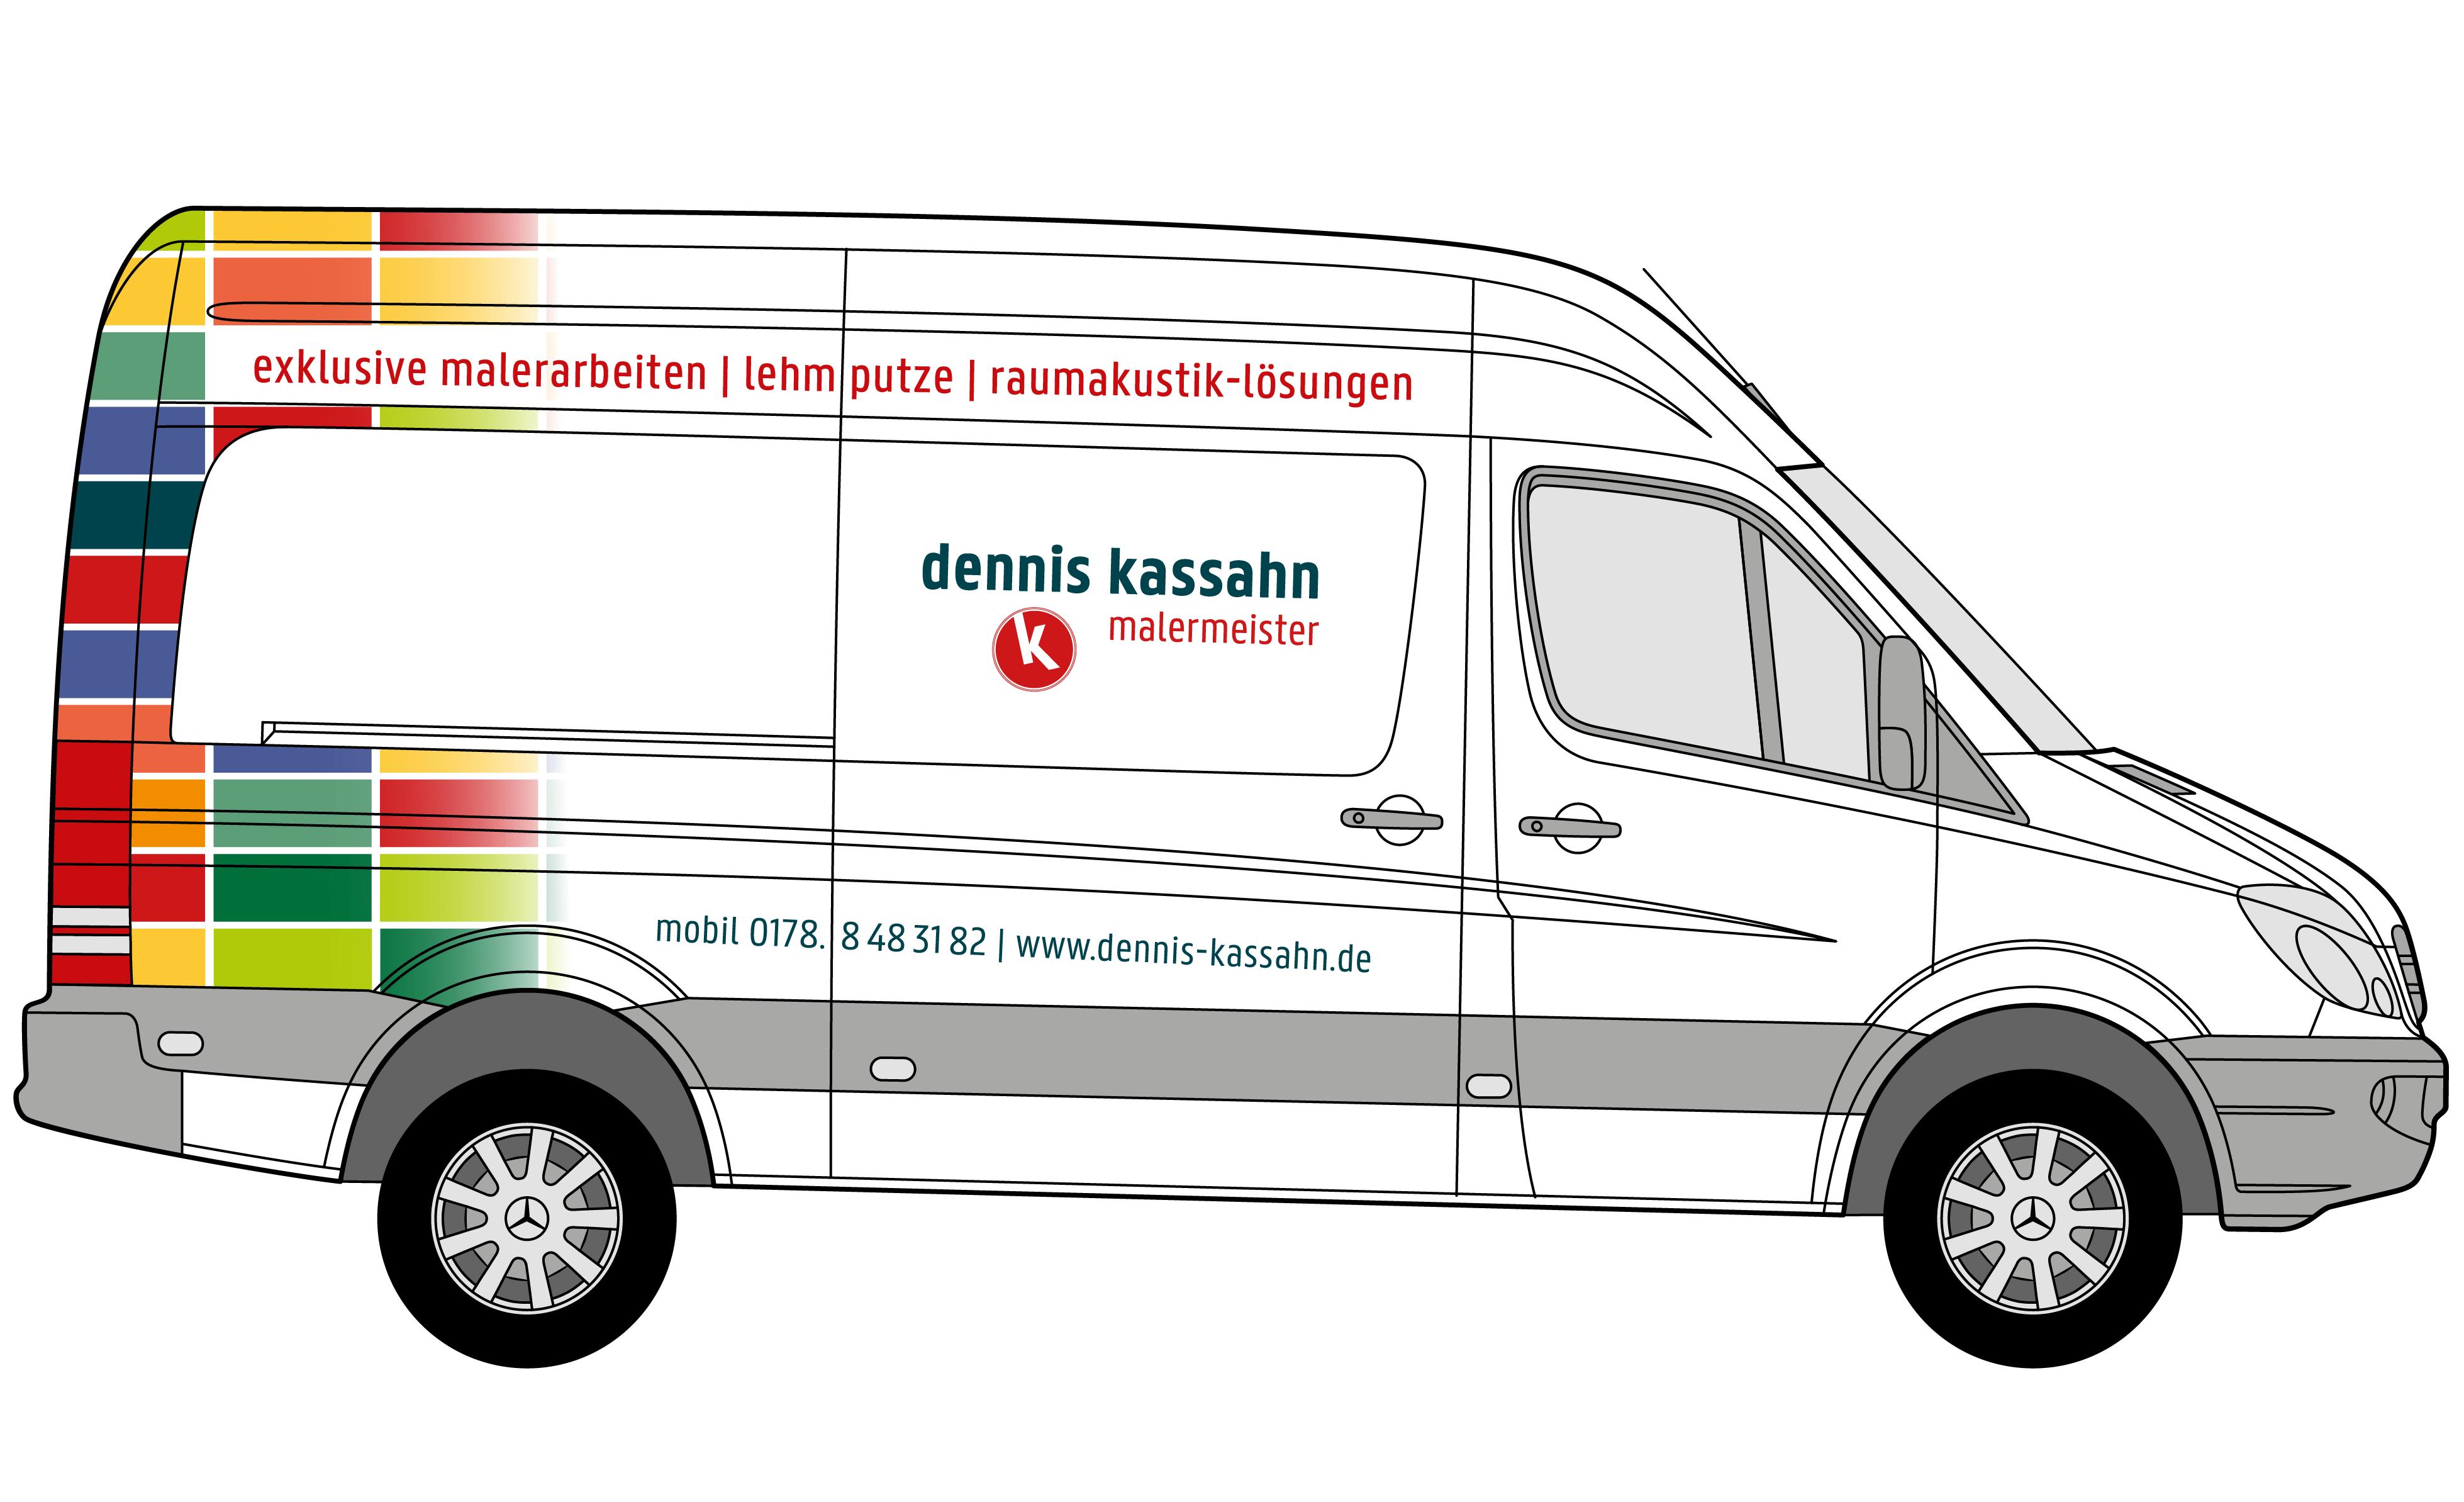 GrafikenOtteniDesign_Kassahn_Auto_22